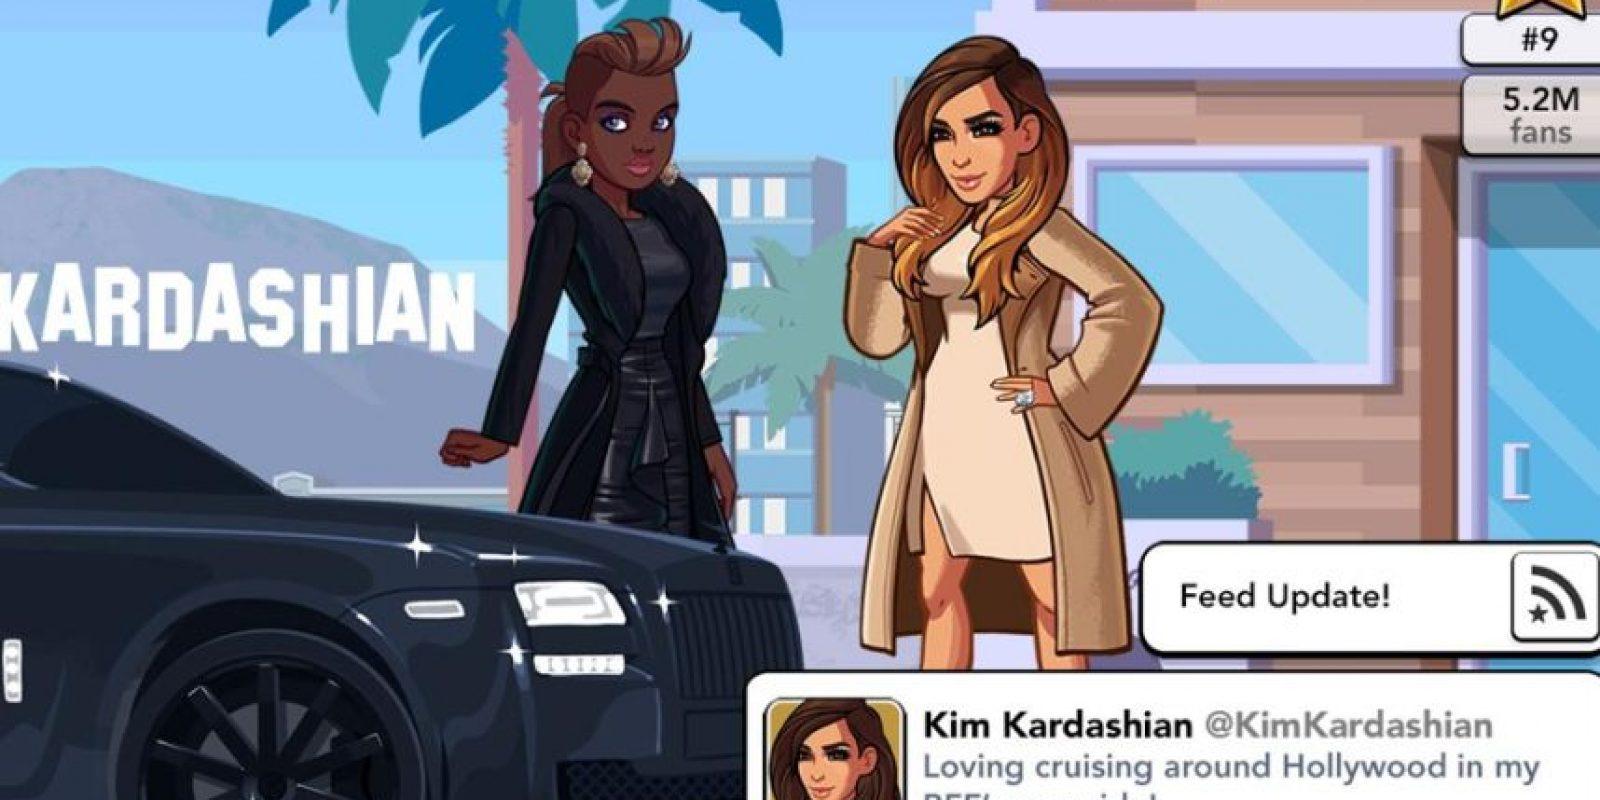 Ha hecho solo 85 millones de dólares con la app. Foto:vía Kim Kardashian Hollywood